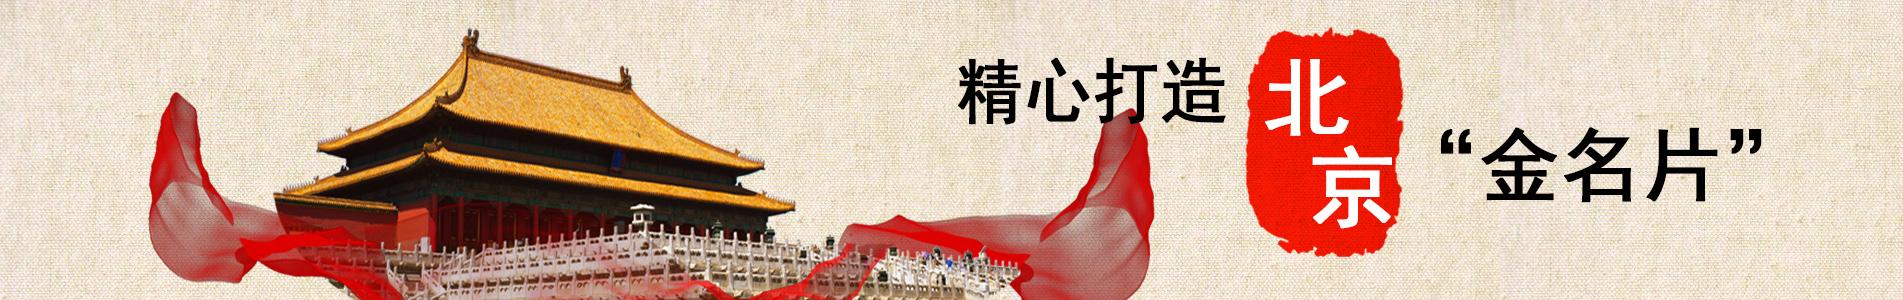 新華視點 | 今日關注 | 中國網事